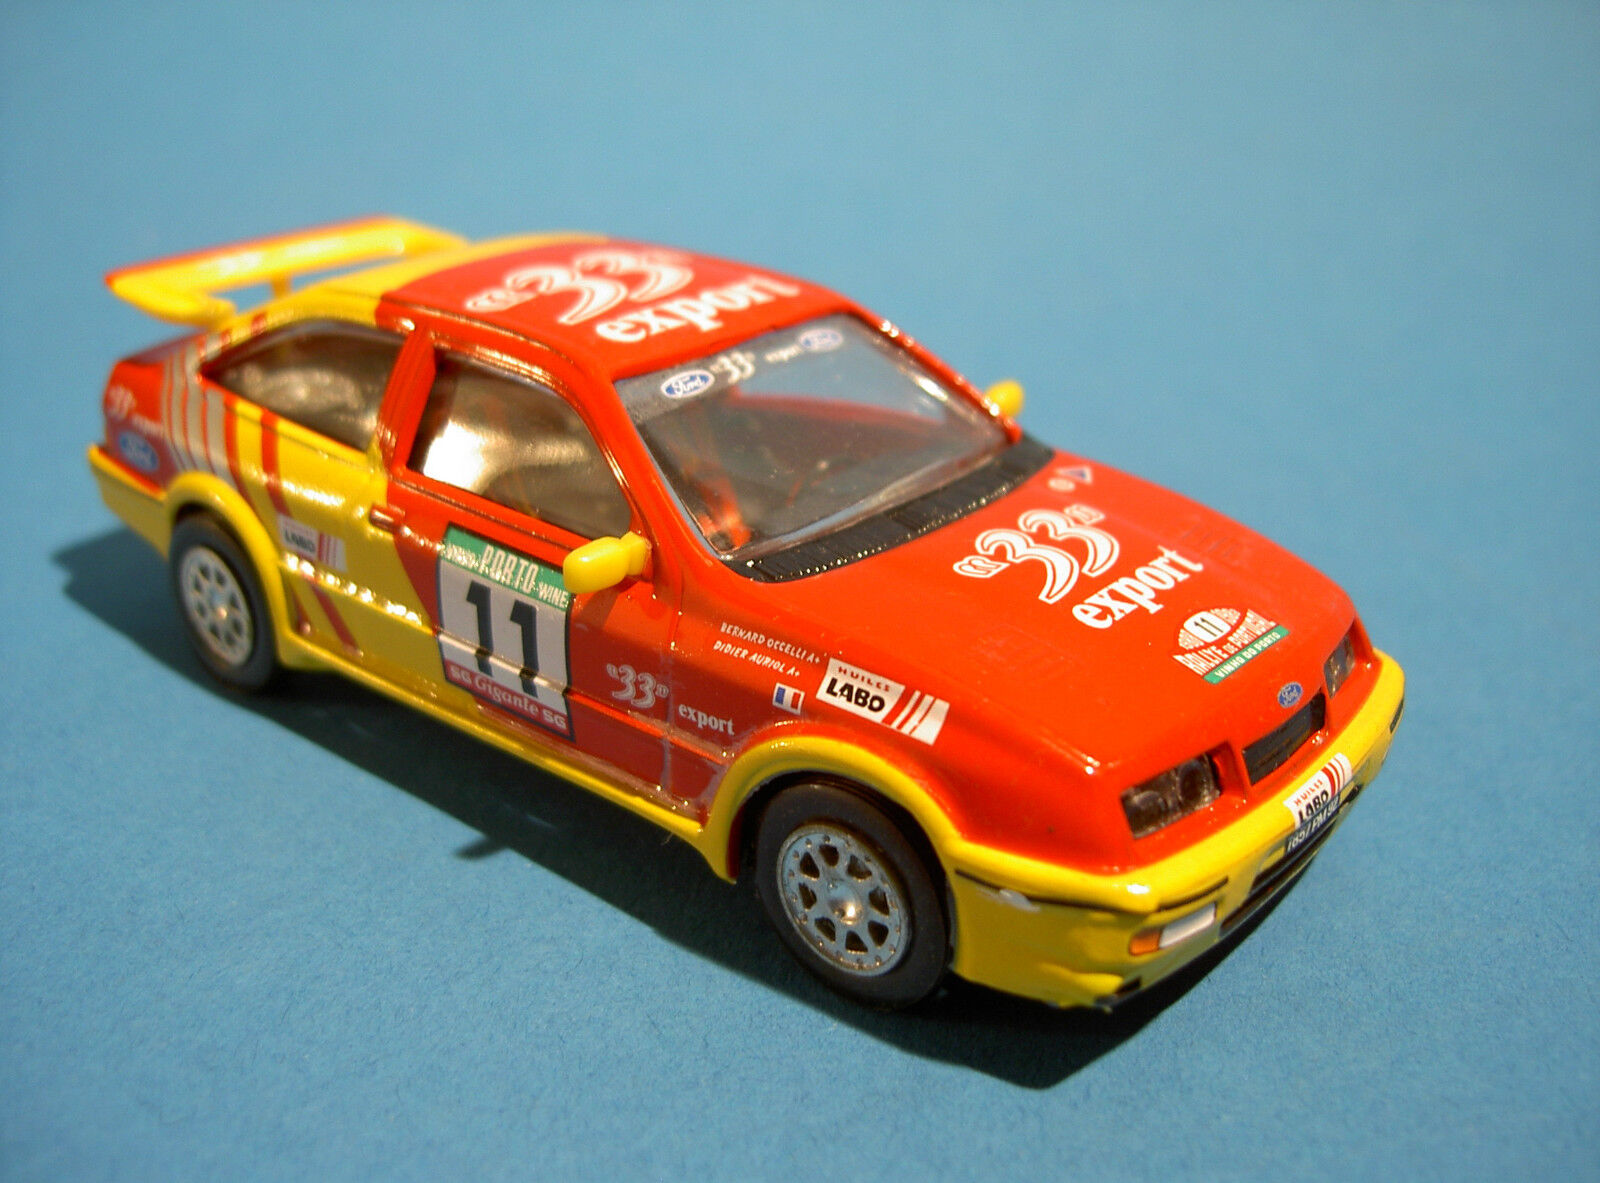 Ford Sierra Cosworth Rallye Portugal 1988 1 43